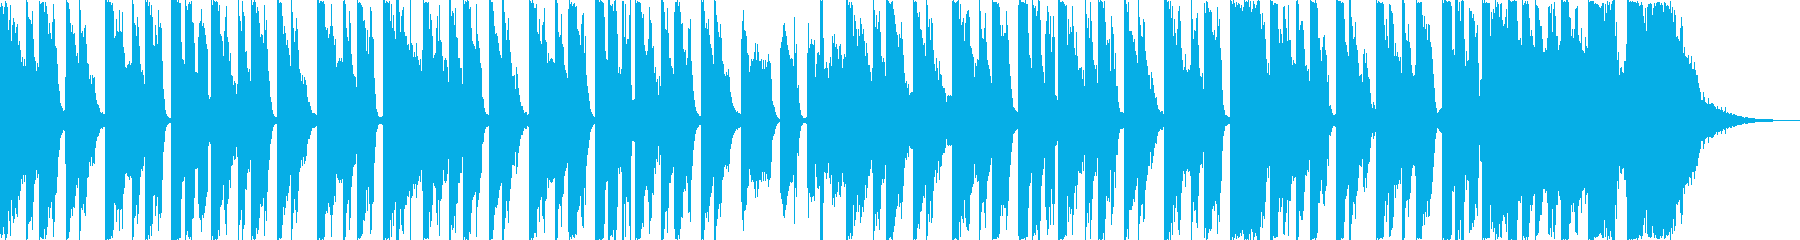 エレクトロ・EDM・激しい・ジングルBの再生済みの波形